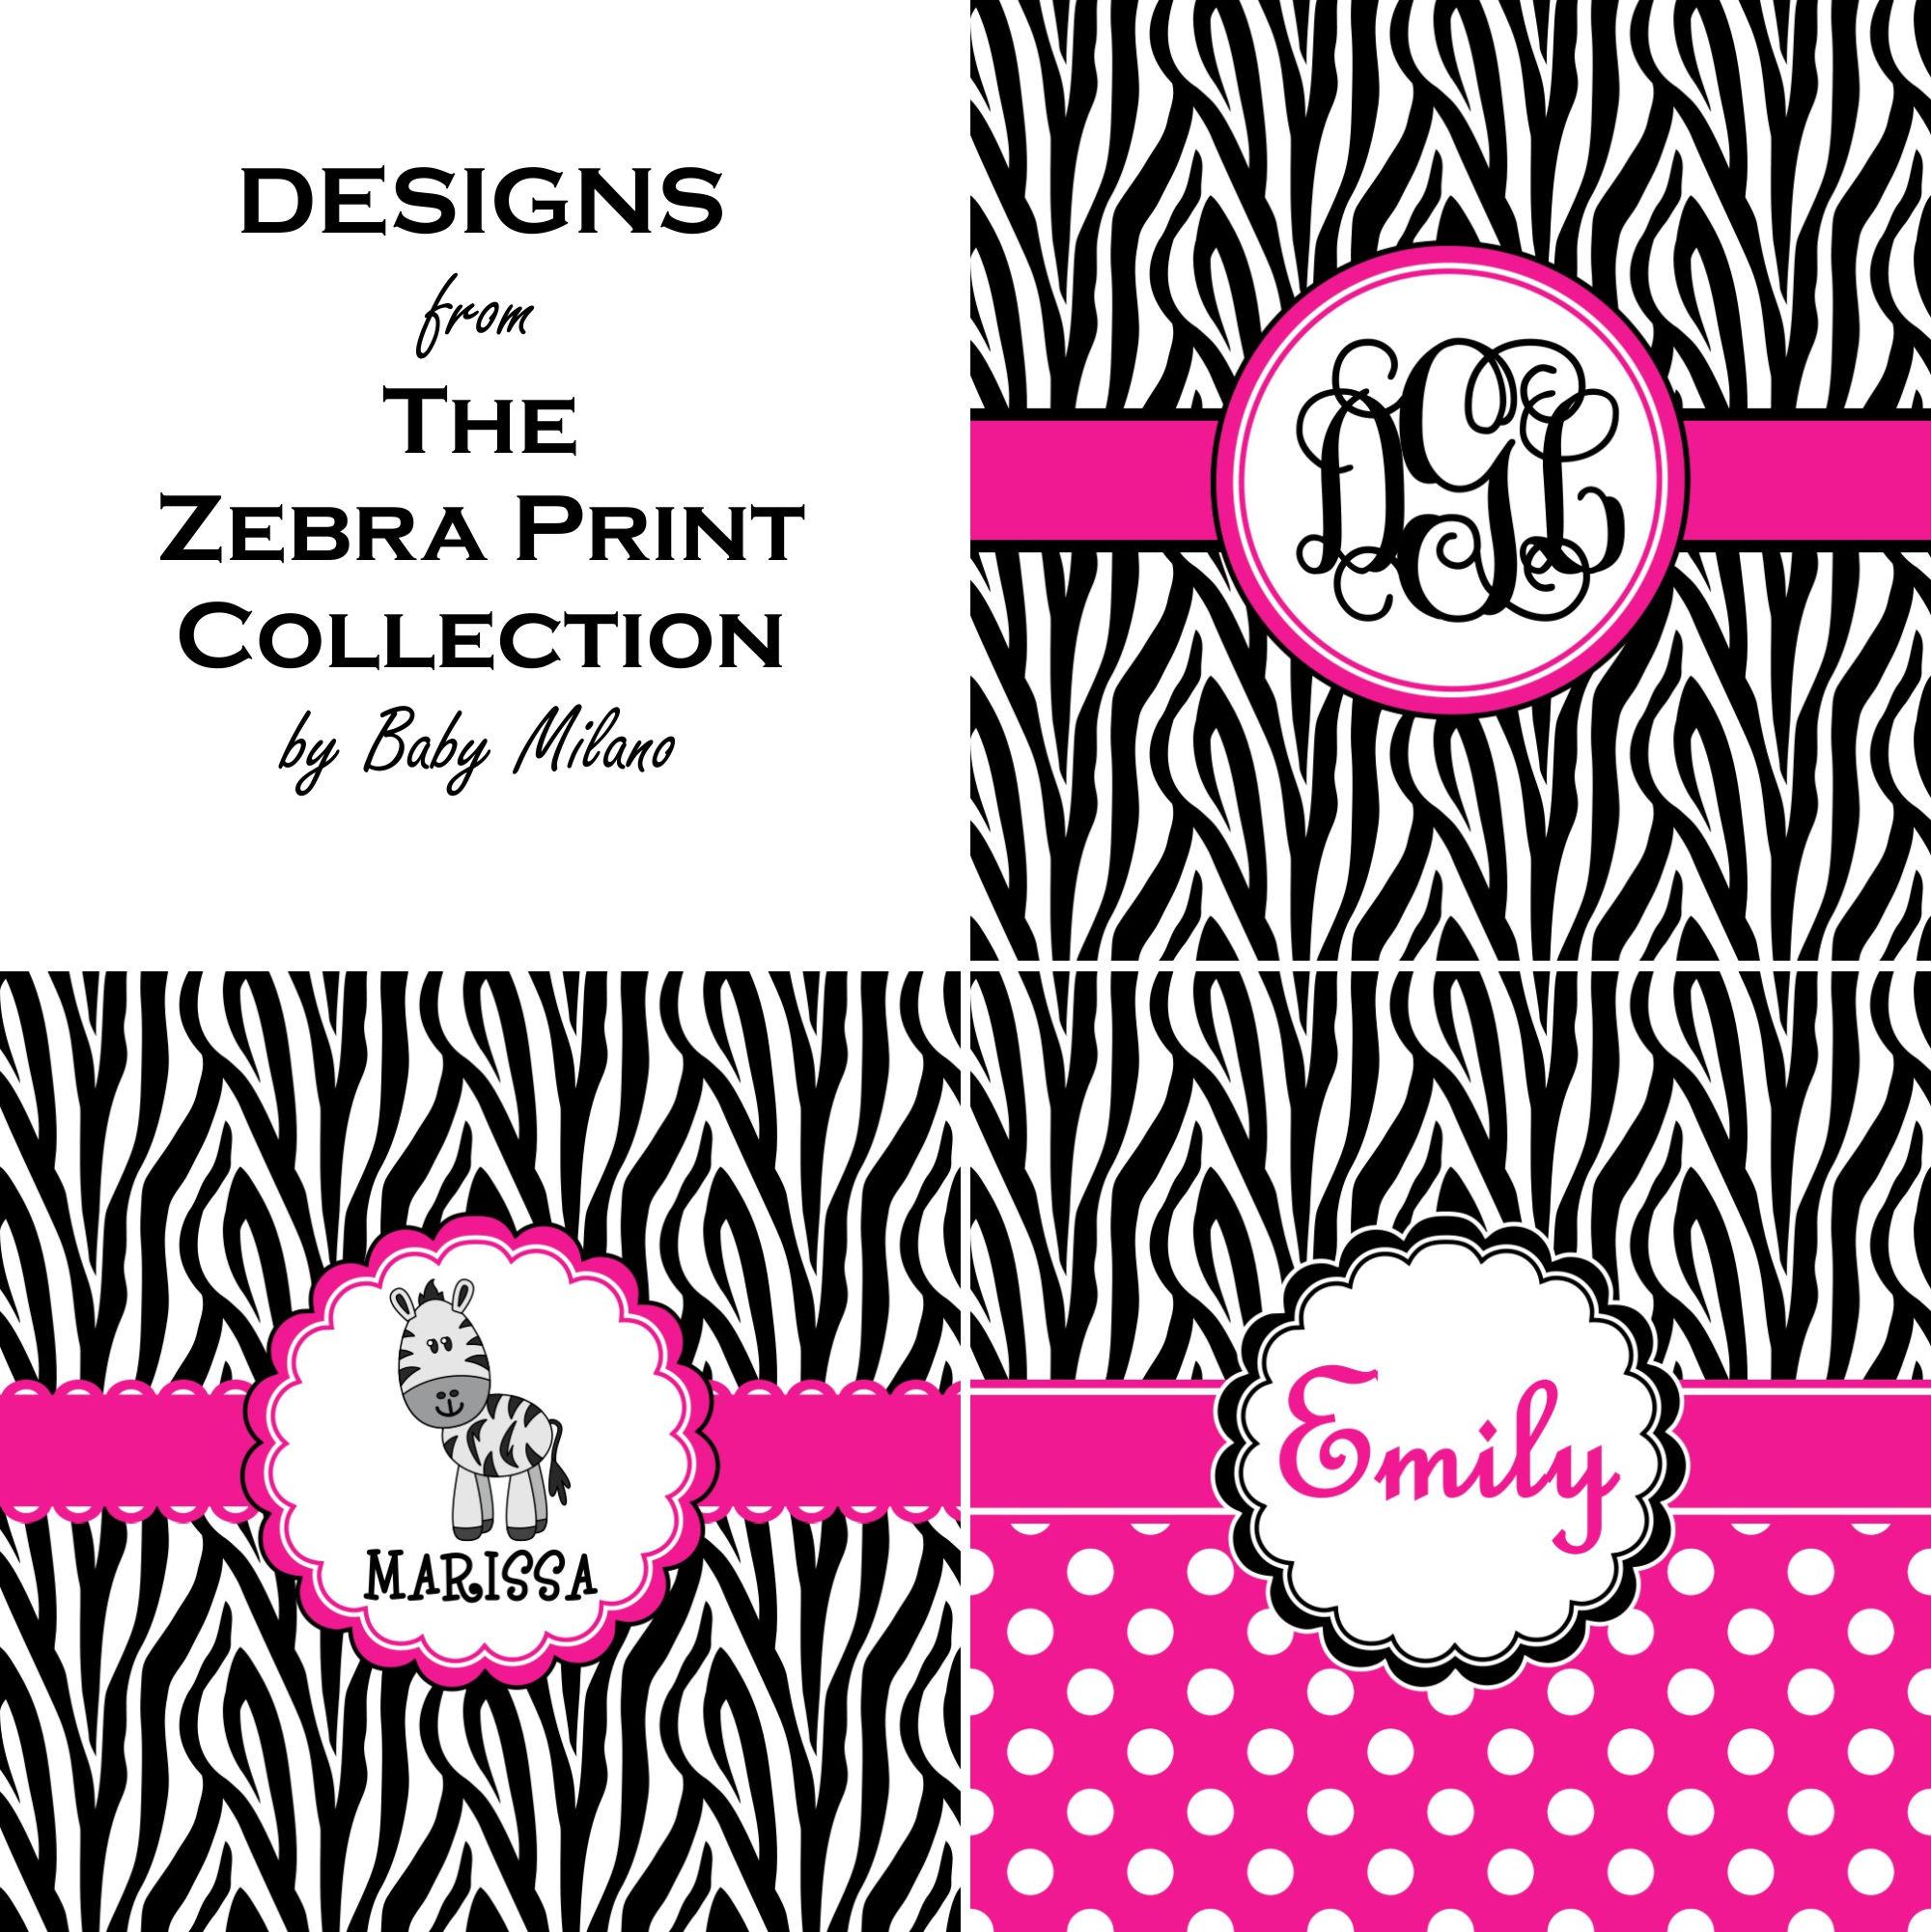 de9e07f44 Zebra Print Tissue Box Cover (Personalized) - YouCustomizeIt